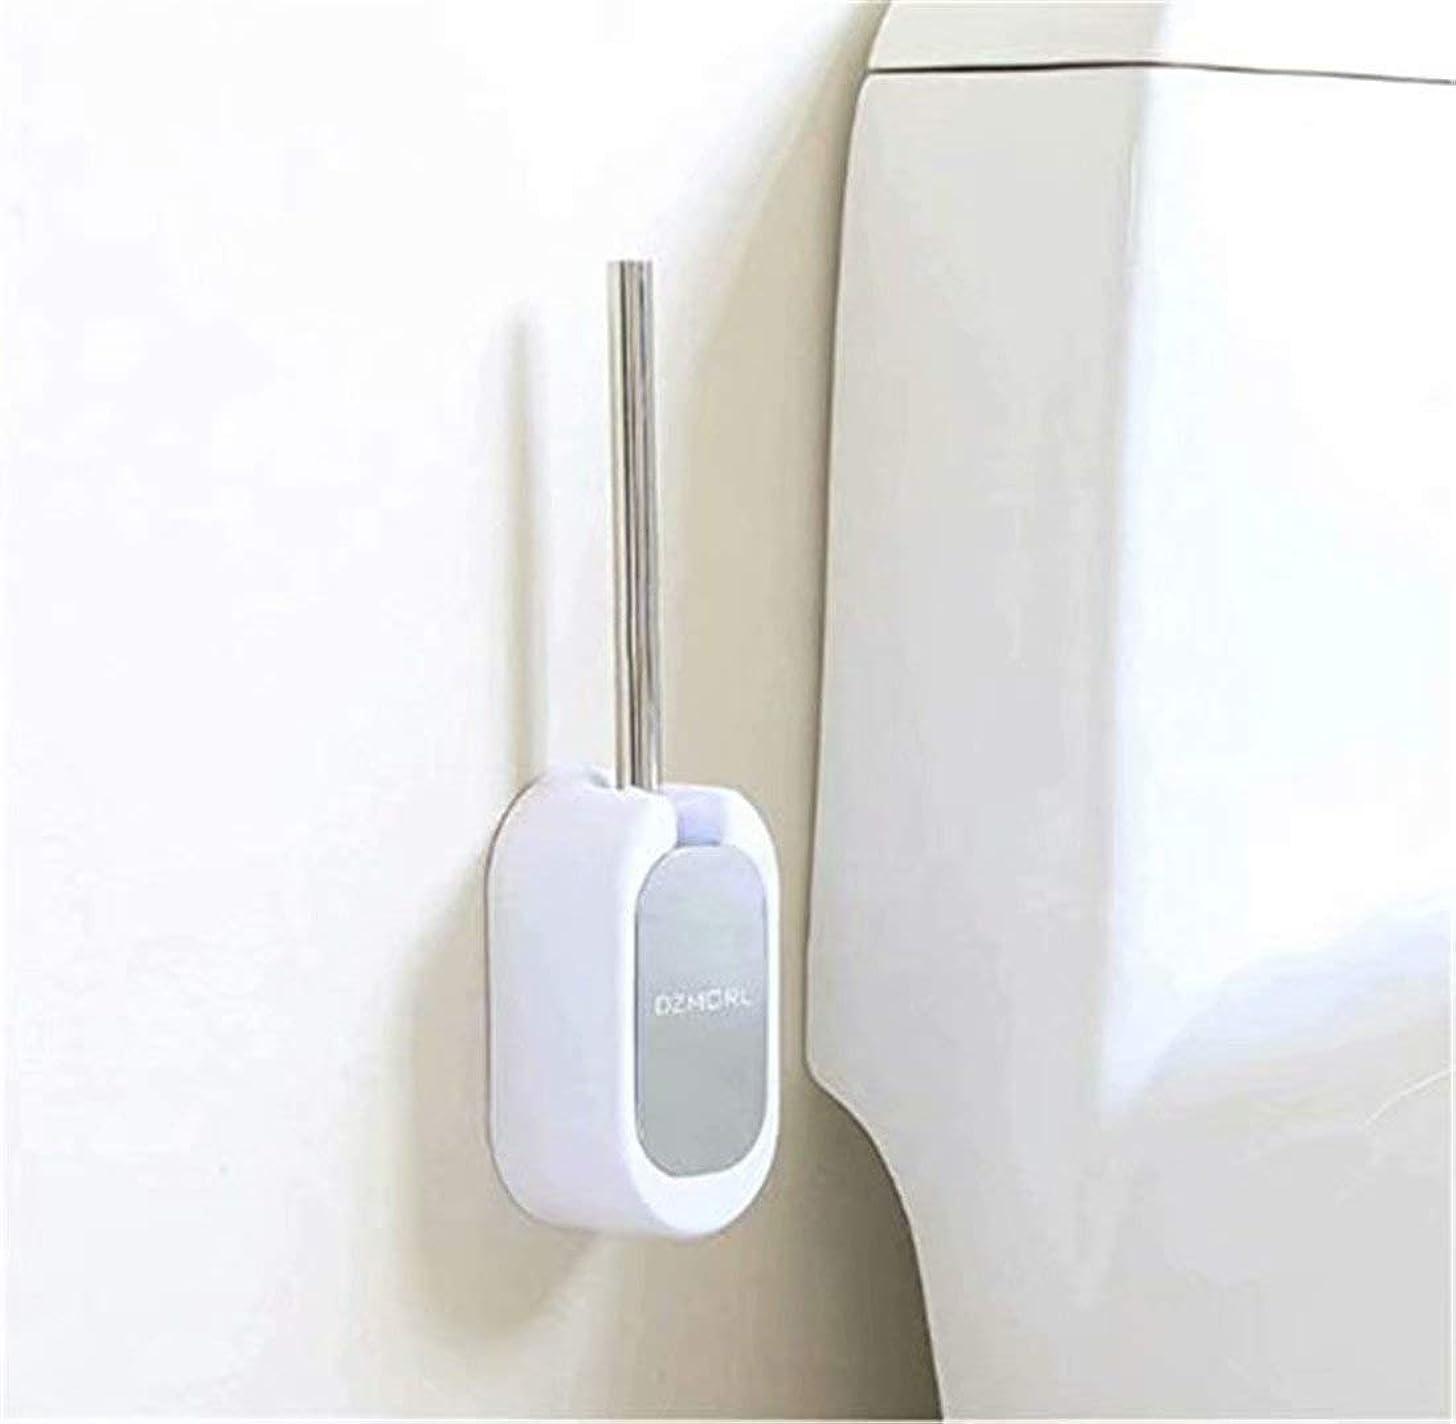 LOSOUL Toilet Brush Set,Toilet Bowl Brush and Holder for Bathroom Toilet - White